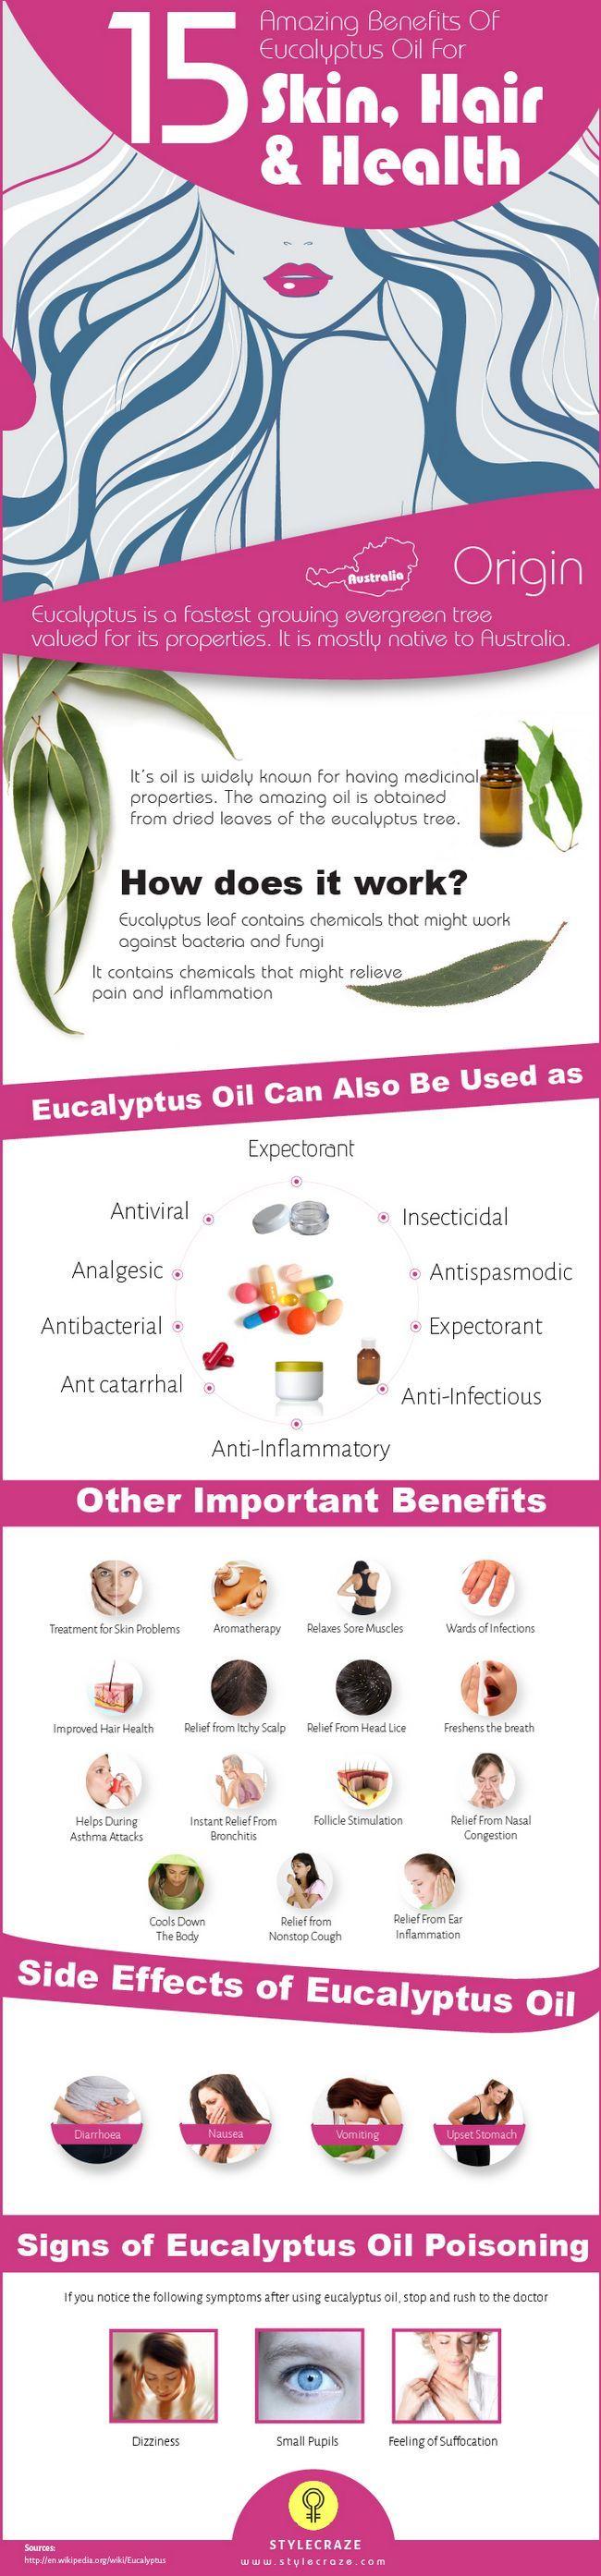 23 Erstaunliche Vorteile von Eukalyptusöl für Haut, Haare und Gesundheit